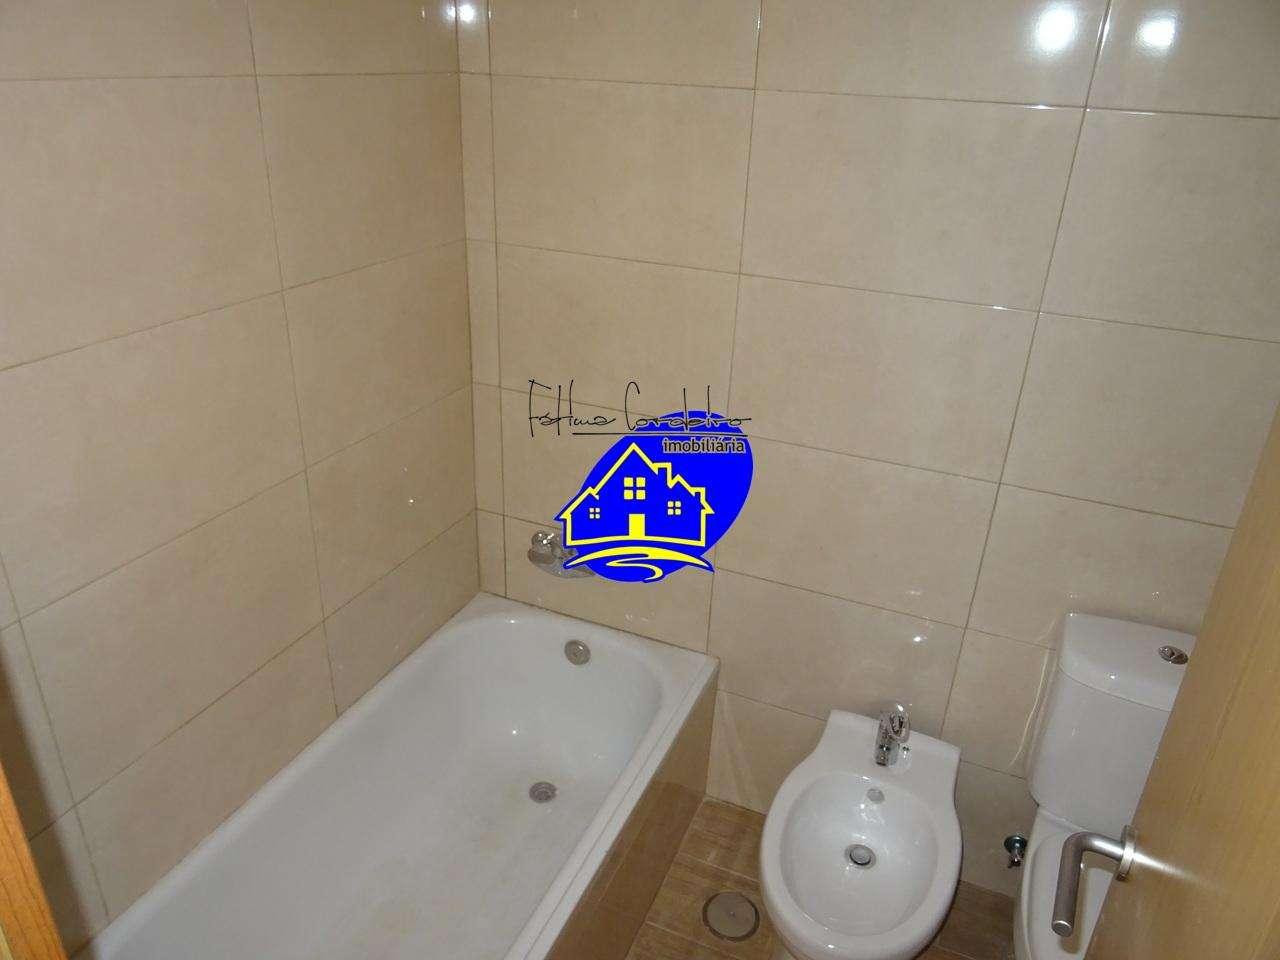 Apartamento para comprar, Almada, Cova da Piedade, Pragal e Cacilhas, Almada, Setúbal - Foto 9